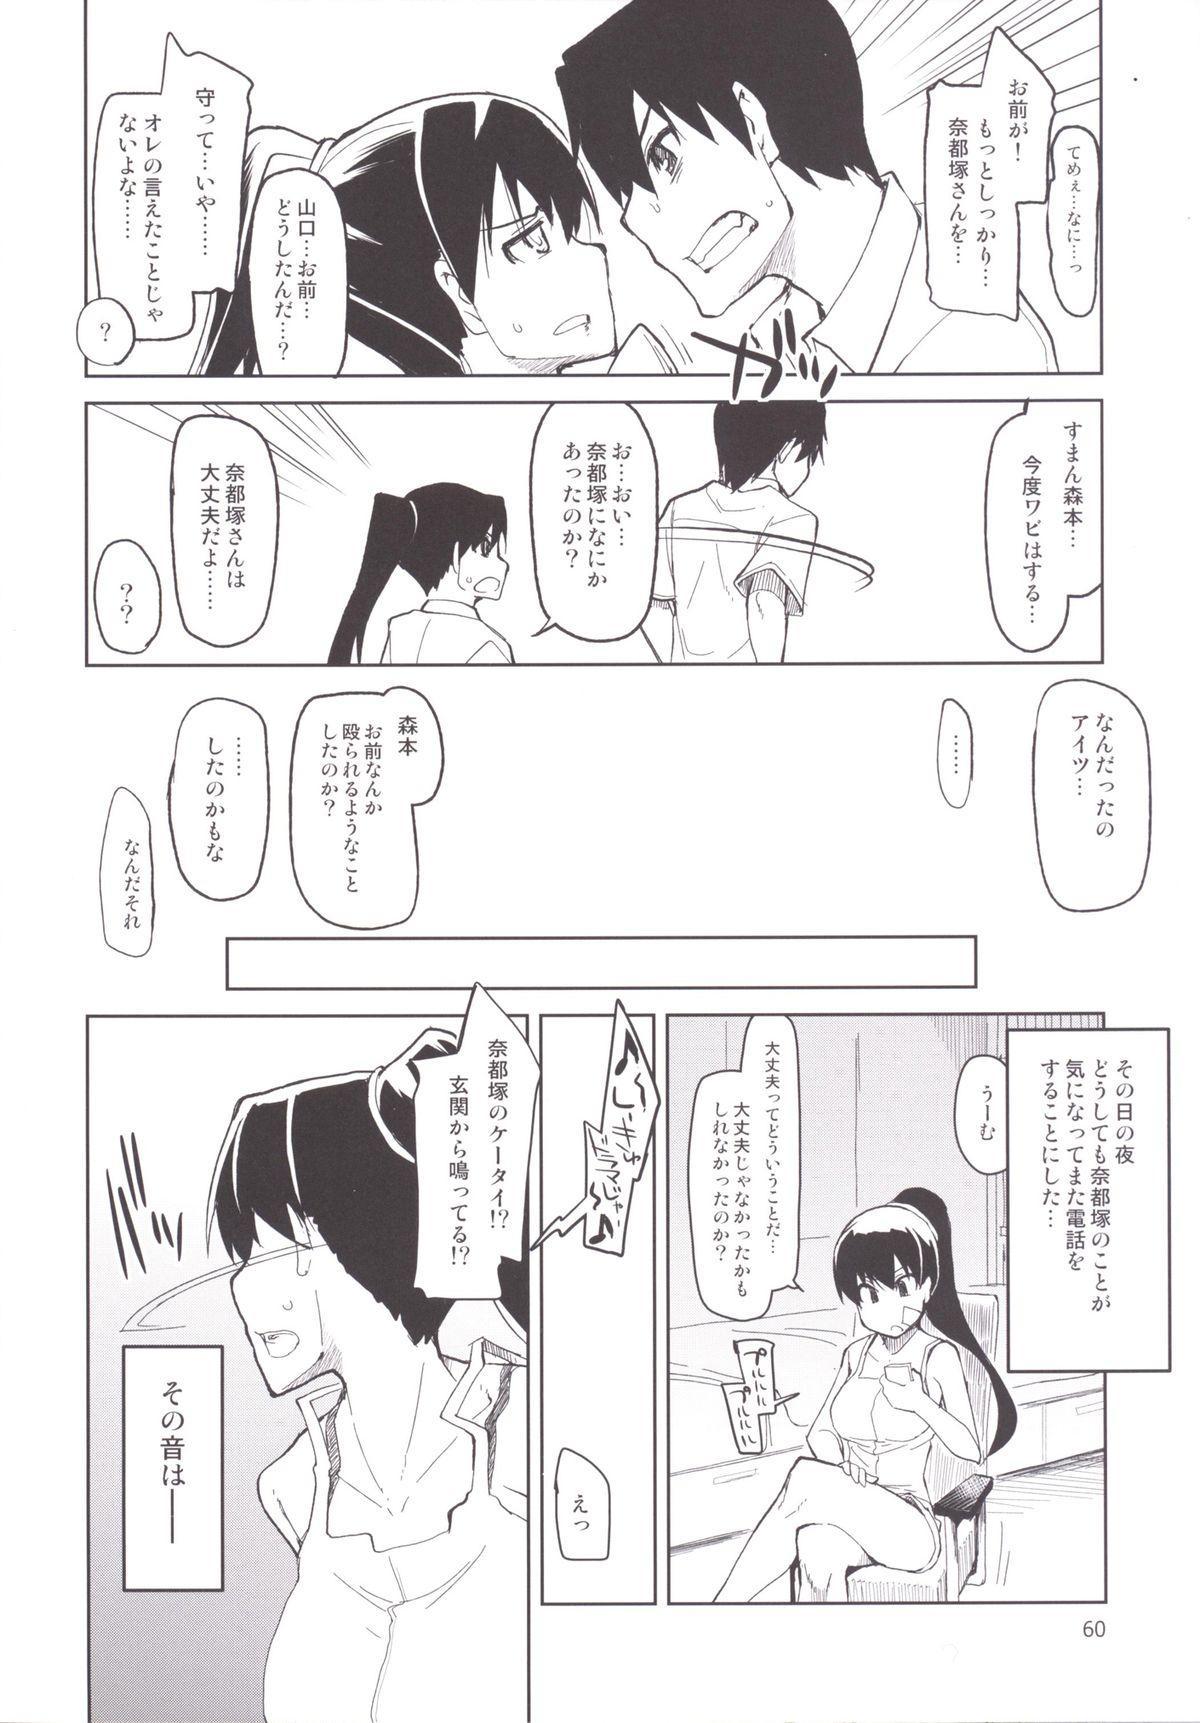 Natsuzuka-san no Himitsu. Soushuuhen Kouhen 75